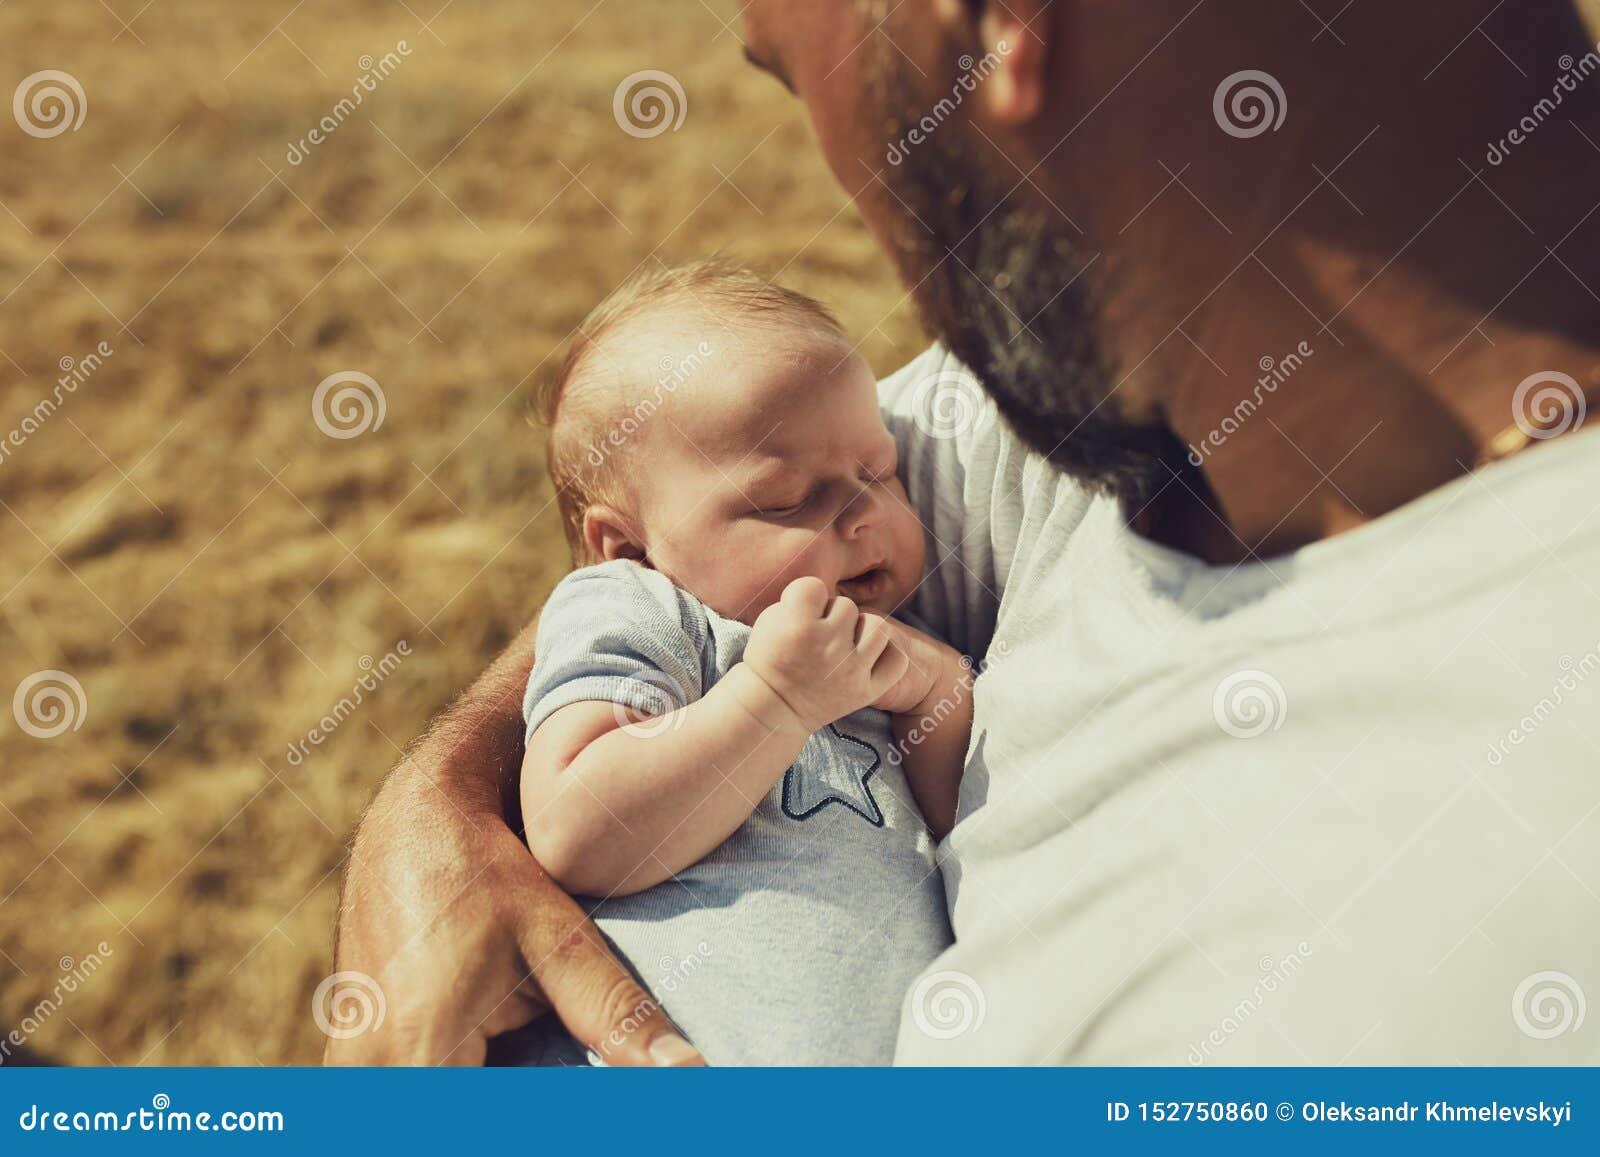 Młody tata trzyma nowonarodzonego dziecka podczas gdy chodzący w naturze szczęśliwy ojciec jest ubranym skróty i koszulkę Mi?dzyn